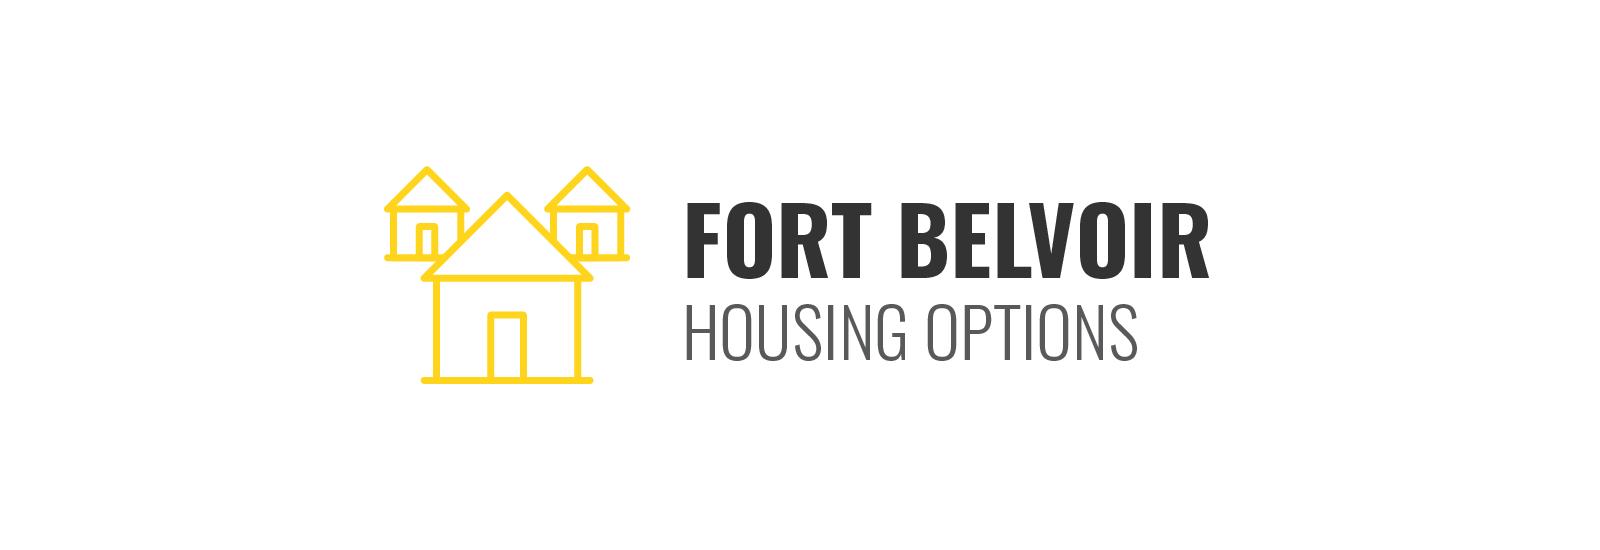 Fort Belvoir Housing Options